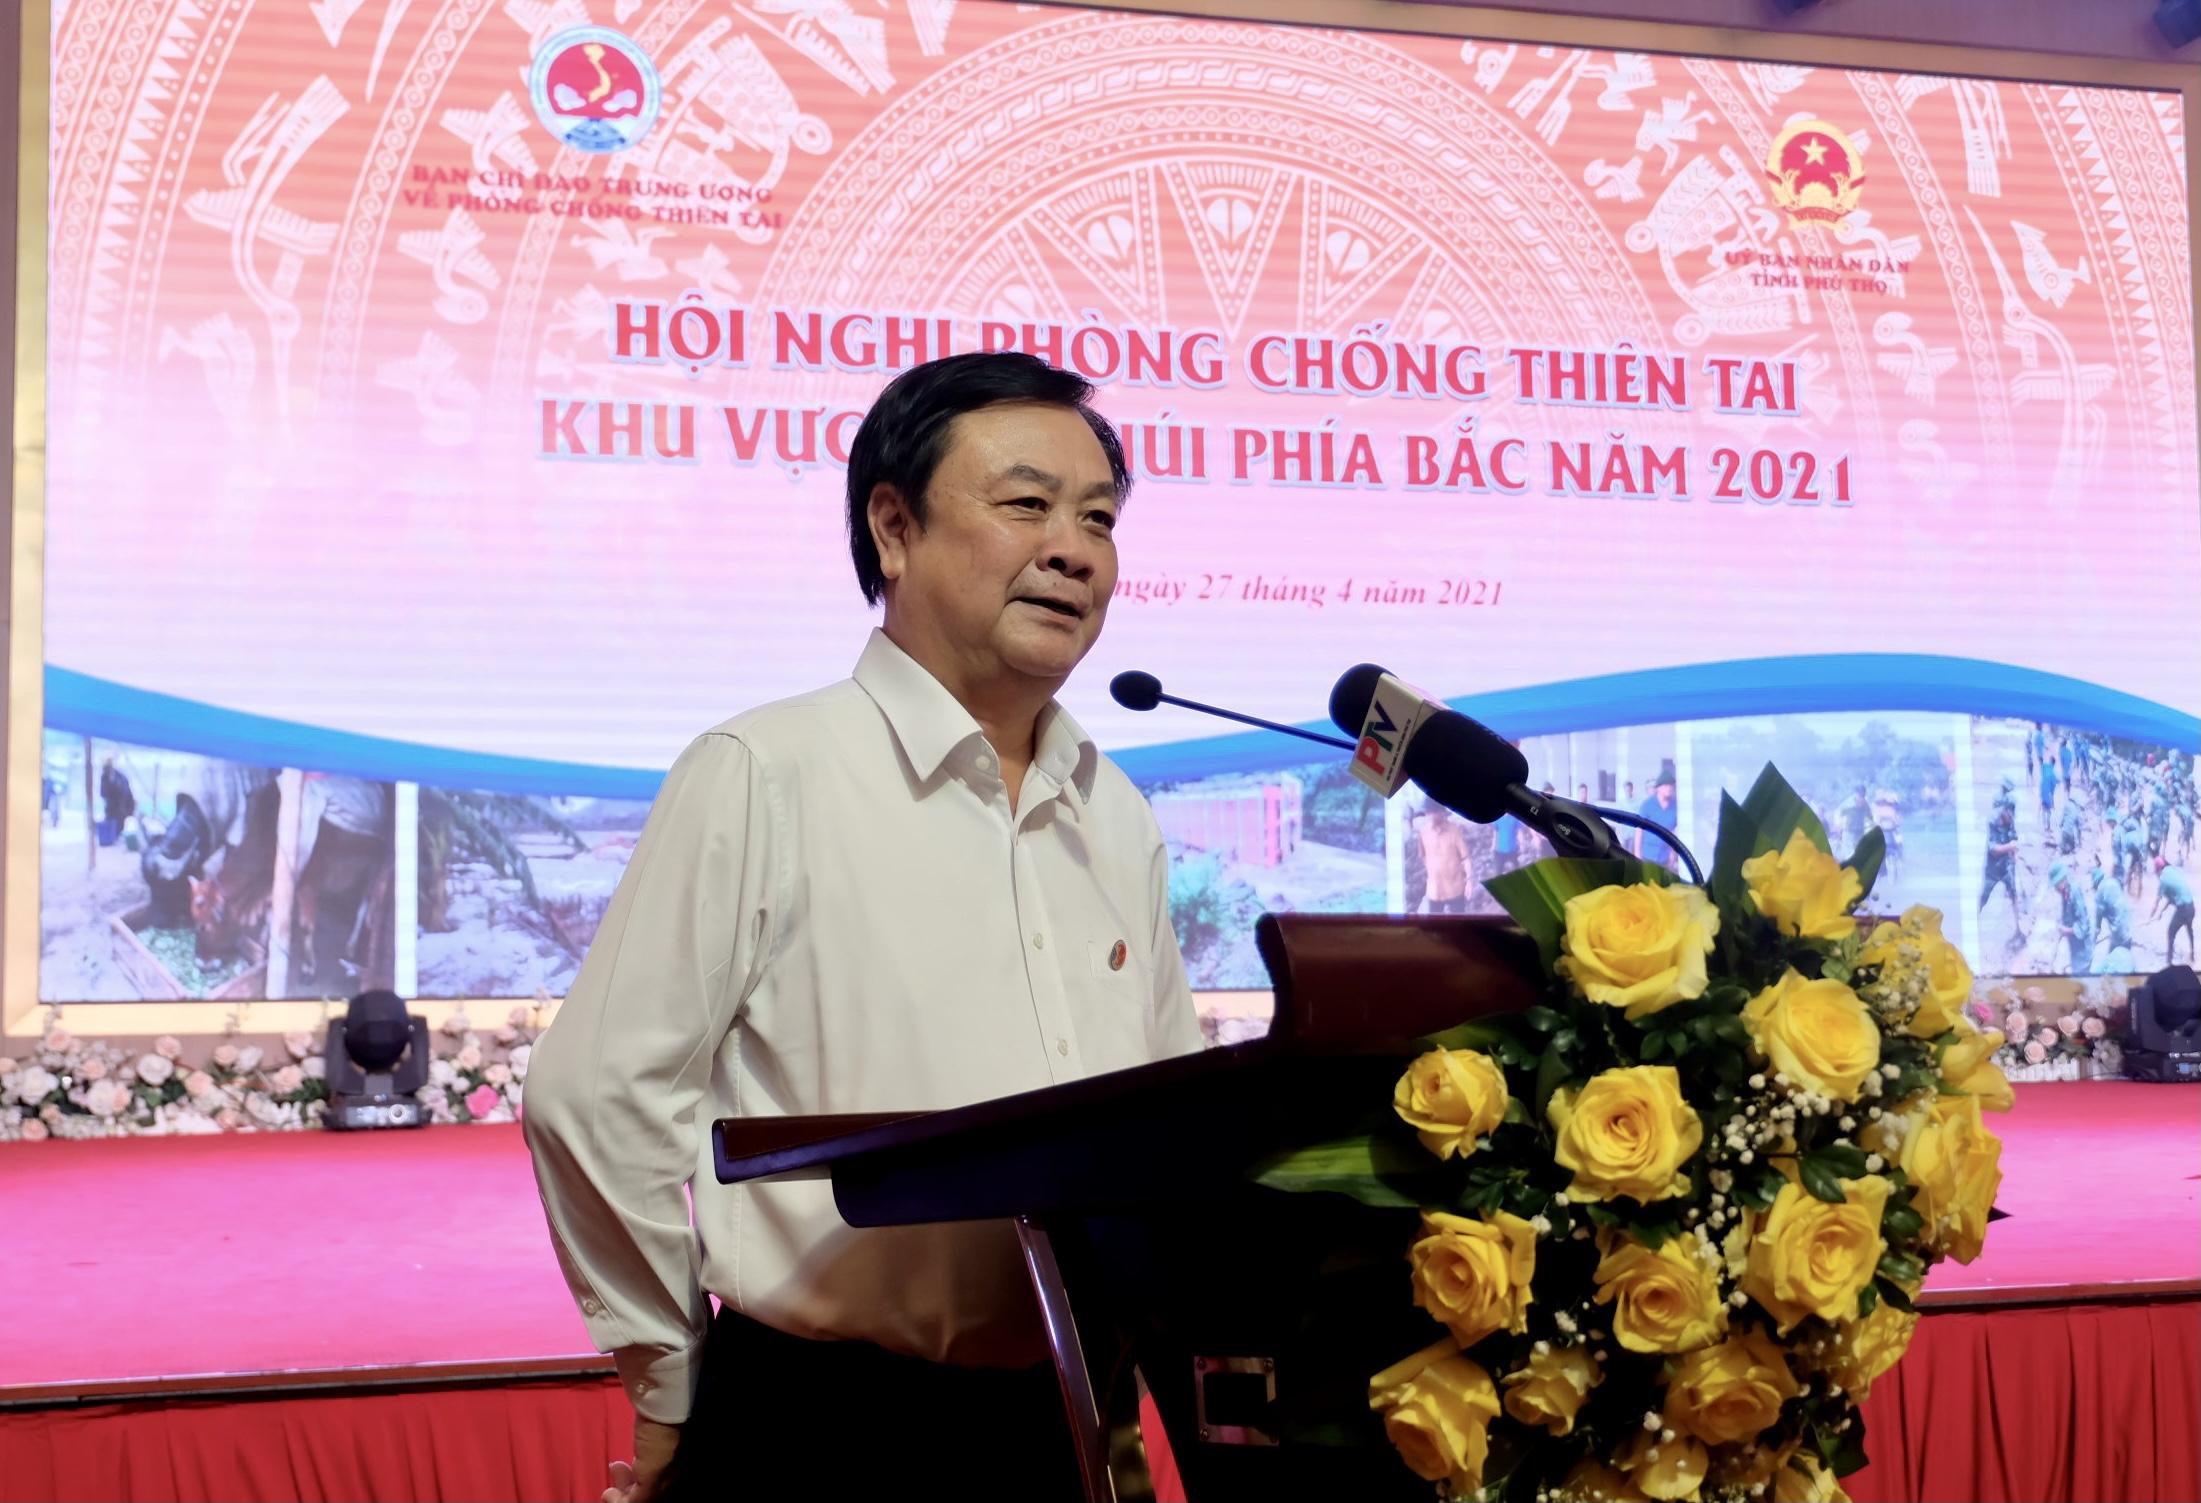 Ông Lê Minh Hoan, Ủy viên Trung ương Đảng, Phó trưởng Ban Thường trực Ban Chỉ đạo Trung ương về PCTT, Bộ trưởng Bộ Nông nghiệp và PTNT phát biểu tại Hội nghị